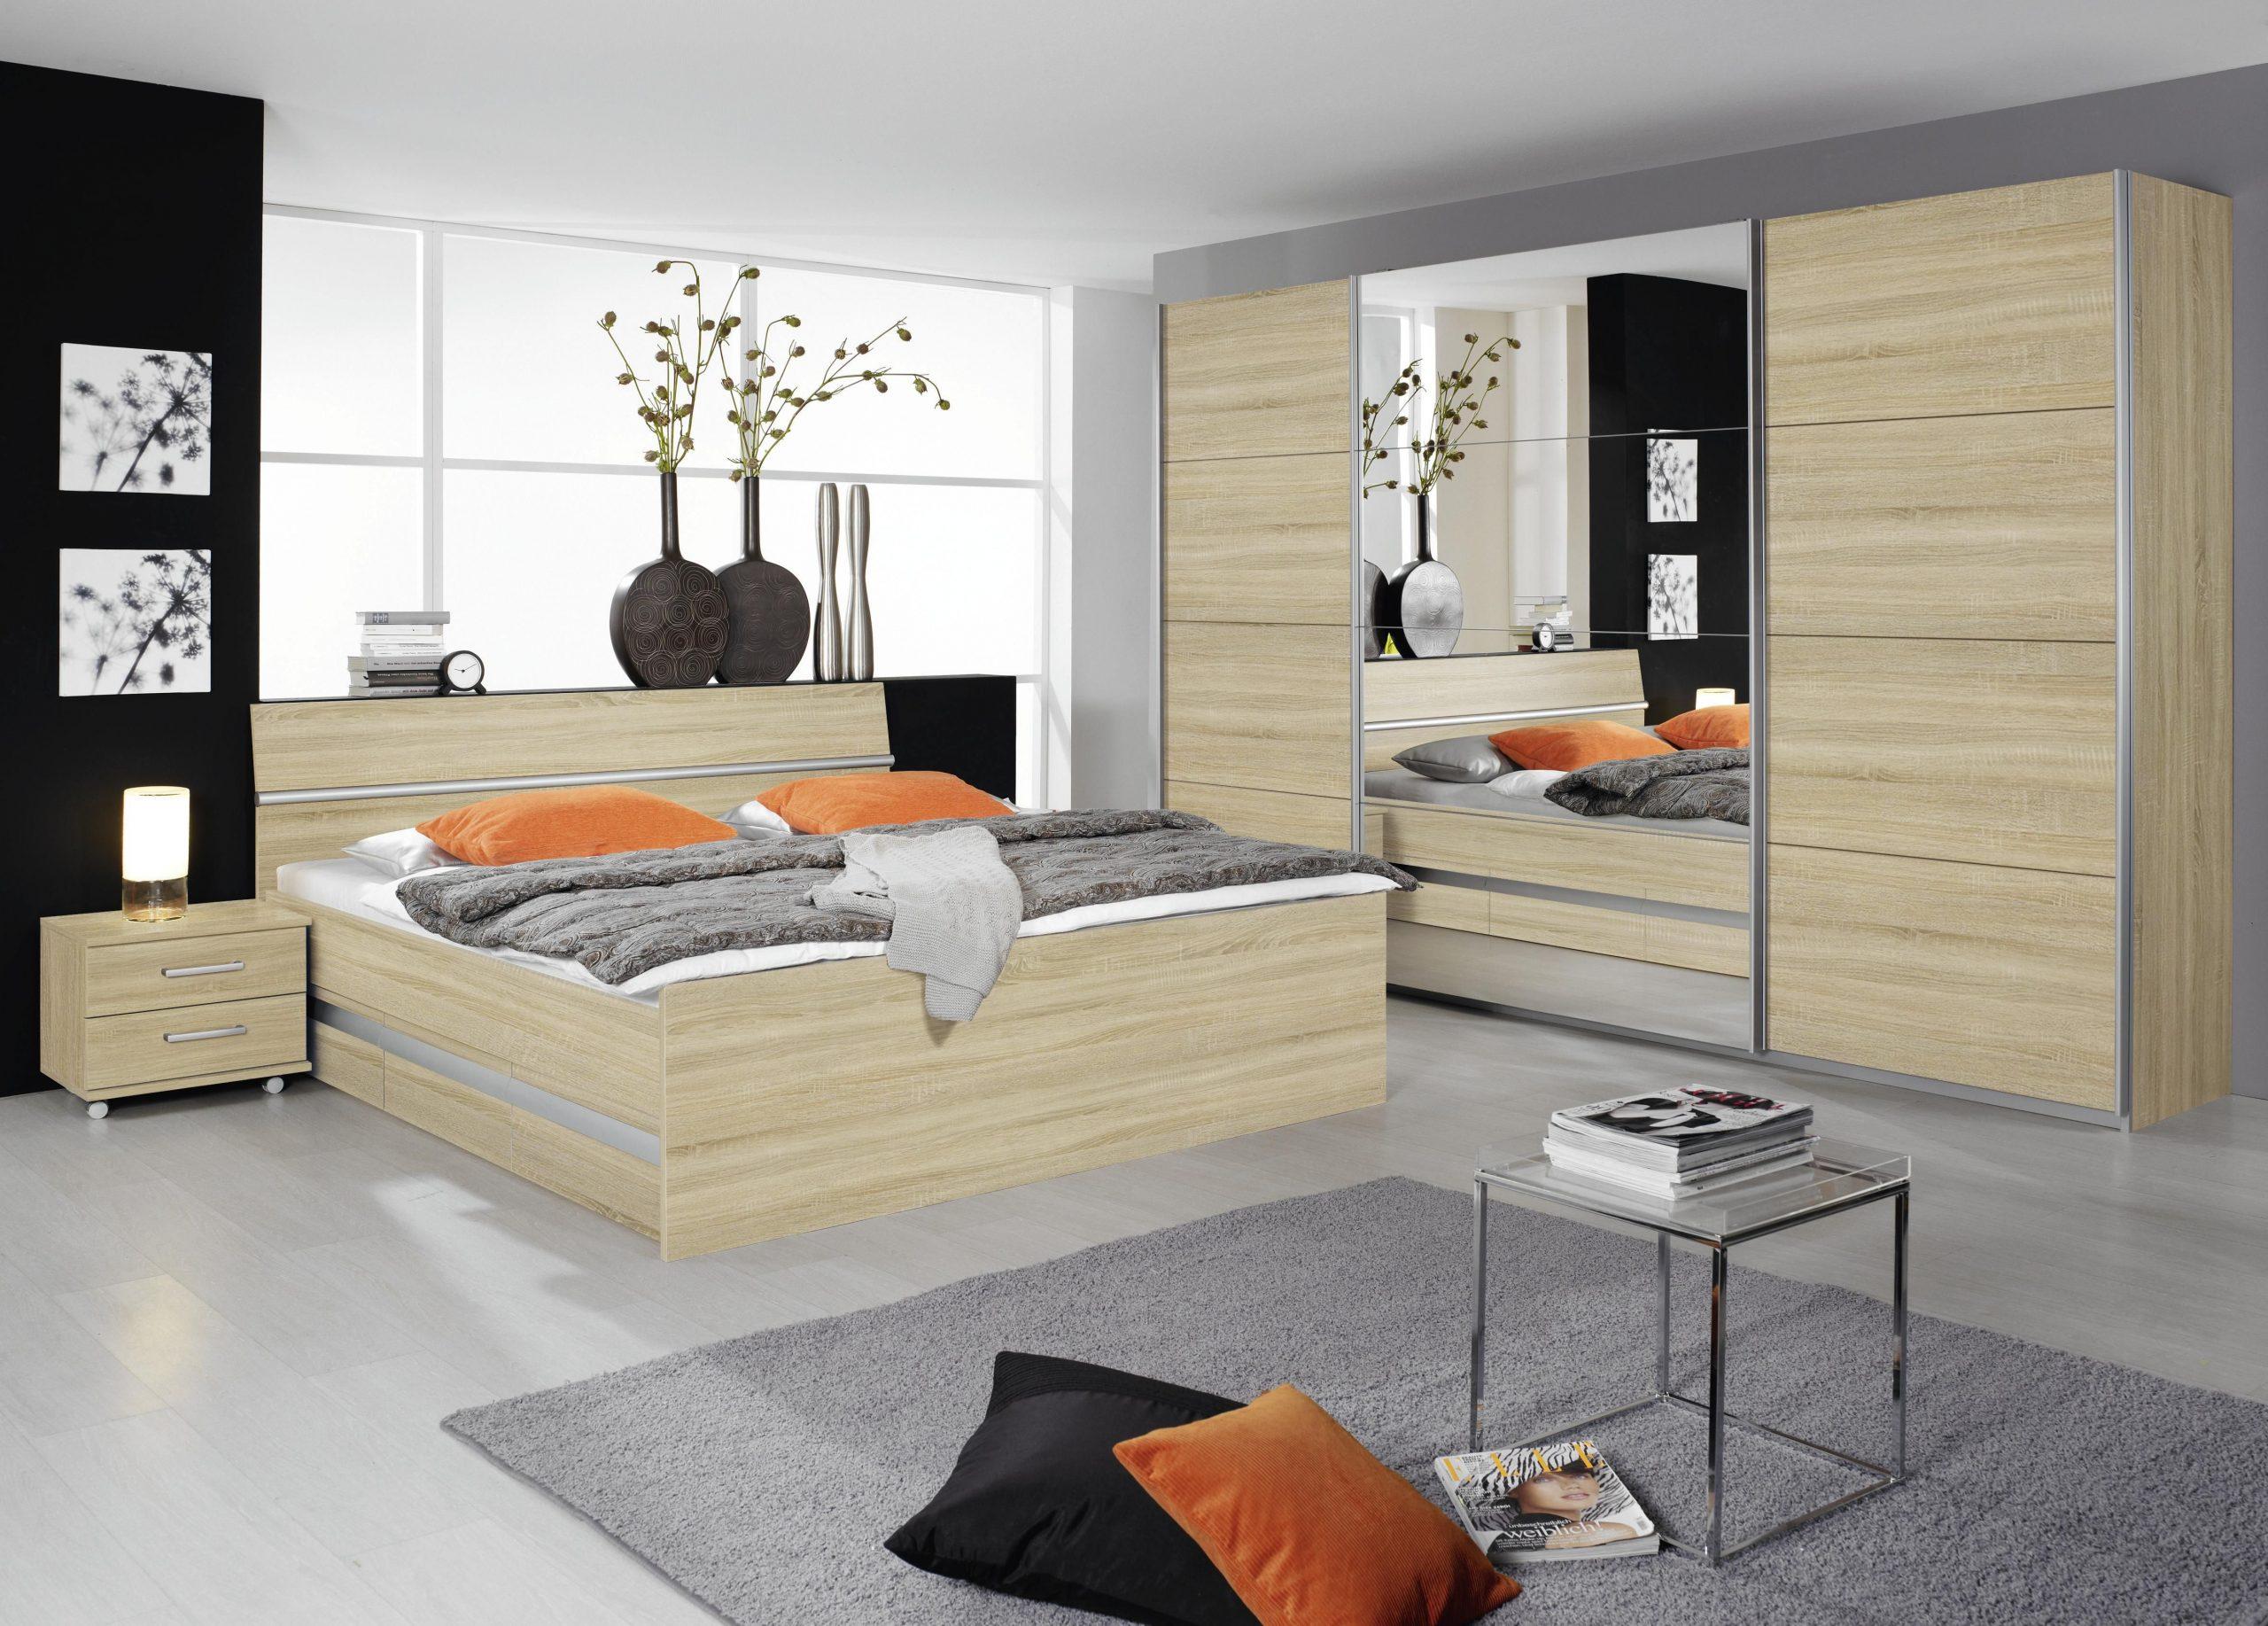 Full Size of Genial Schlafzimmer Komplett Gnstig Poco Furniture Deckenlampe Sofa Kaufen Günstig Breaking Bad Komplette Serie Komplettset Gardinen Wandtattoo Massivholz Schlafzimmer Komplett Schlafzimmer Günstig